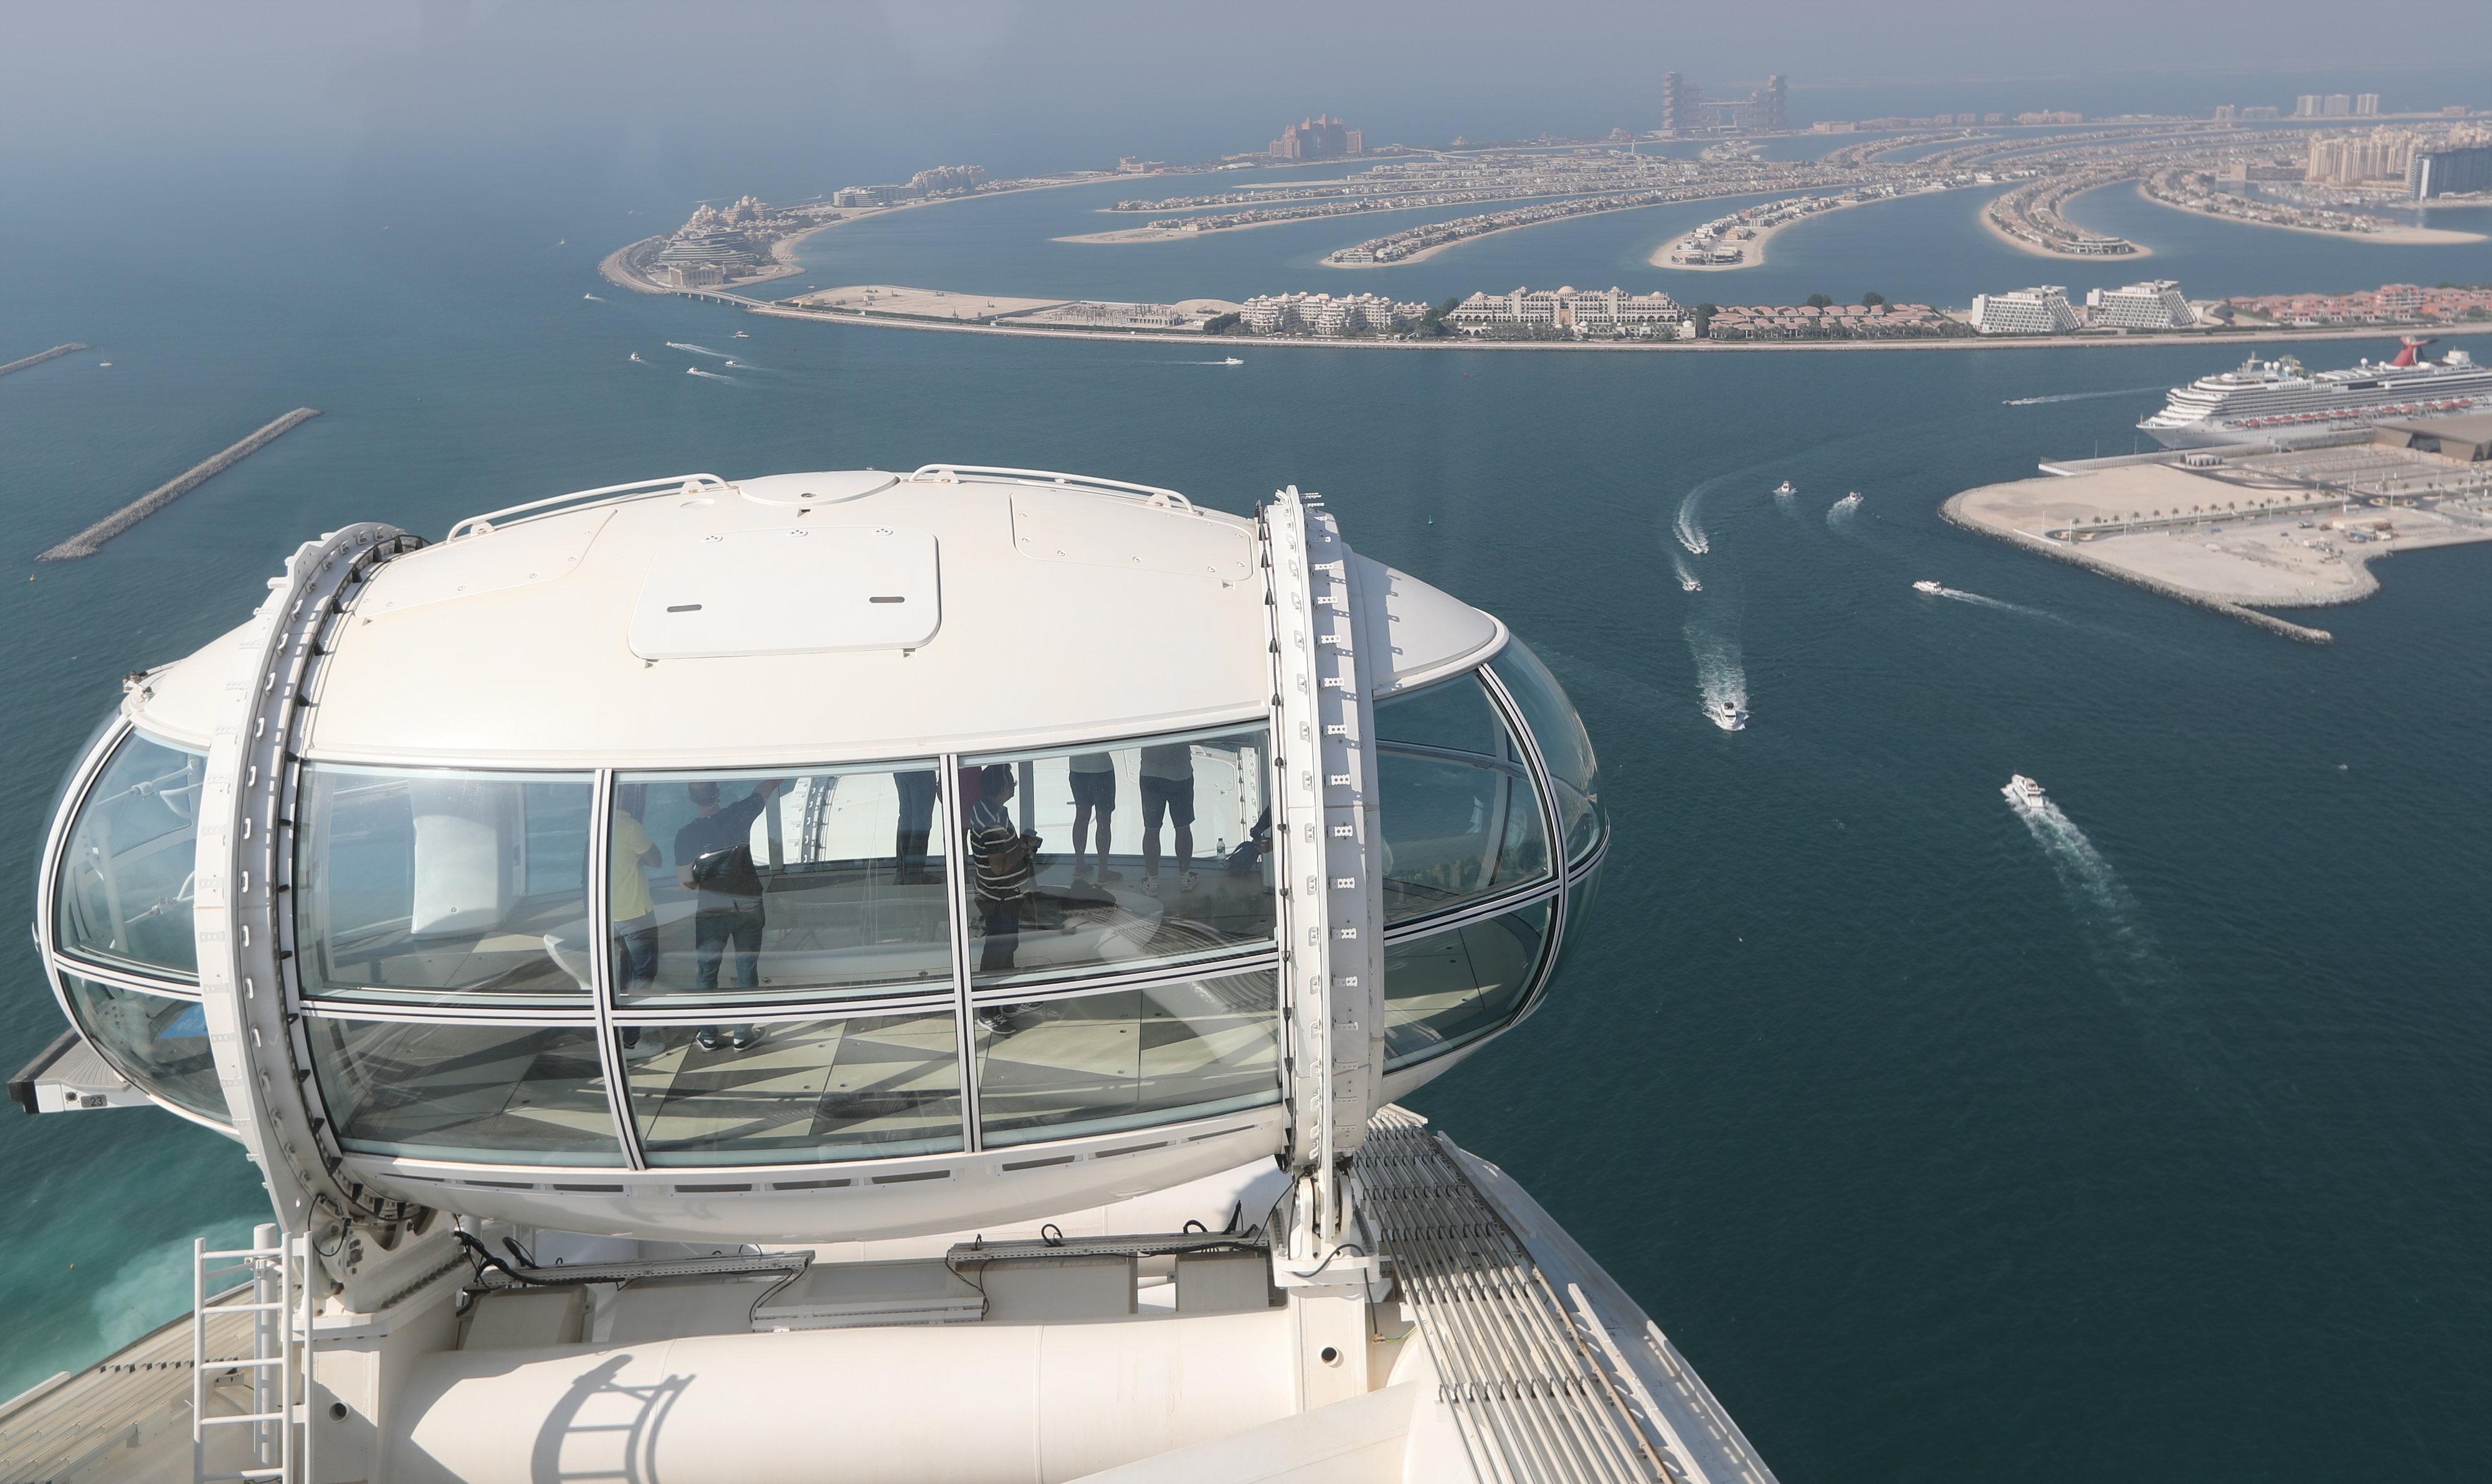 Átadták a világ legnagyobb óriáskerekét Dubajban - képek